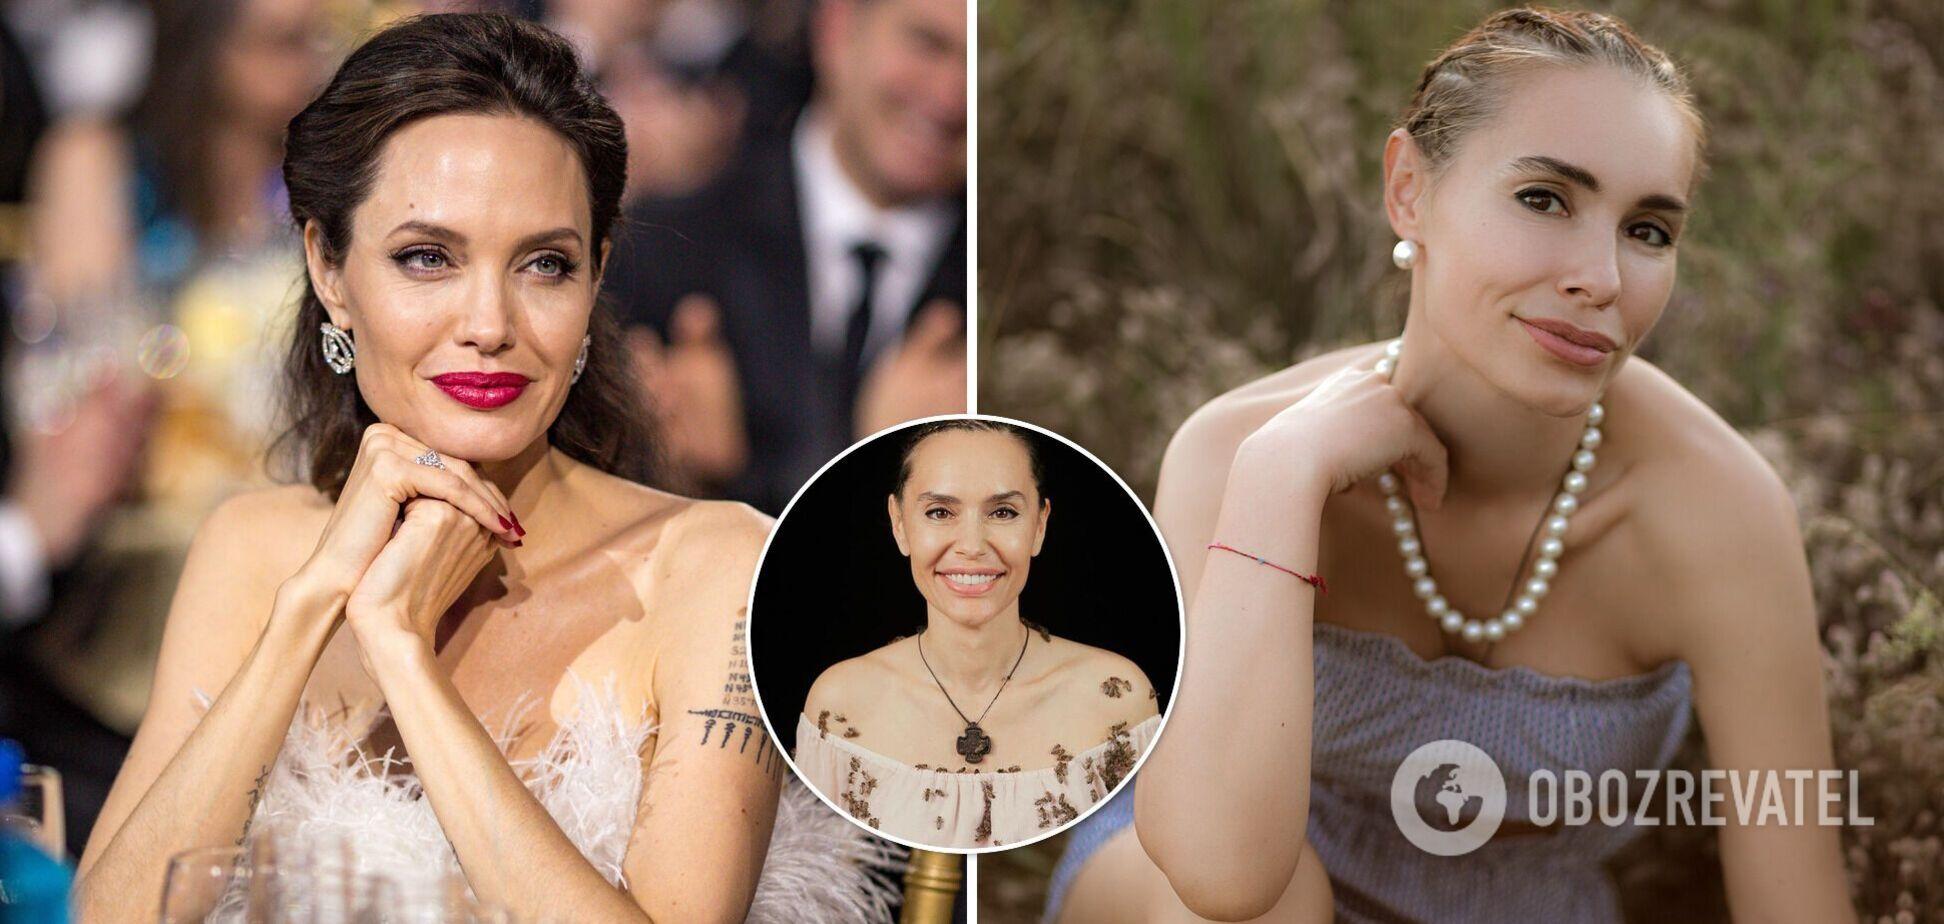 Дочка Ющенка повторила зйомку Анджеліни Джолі з роєм бджіл на тілі. Фото і відео